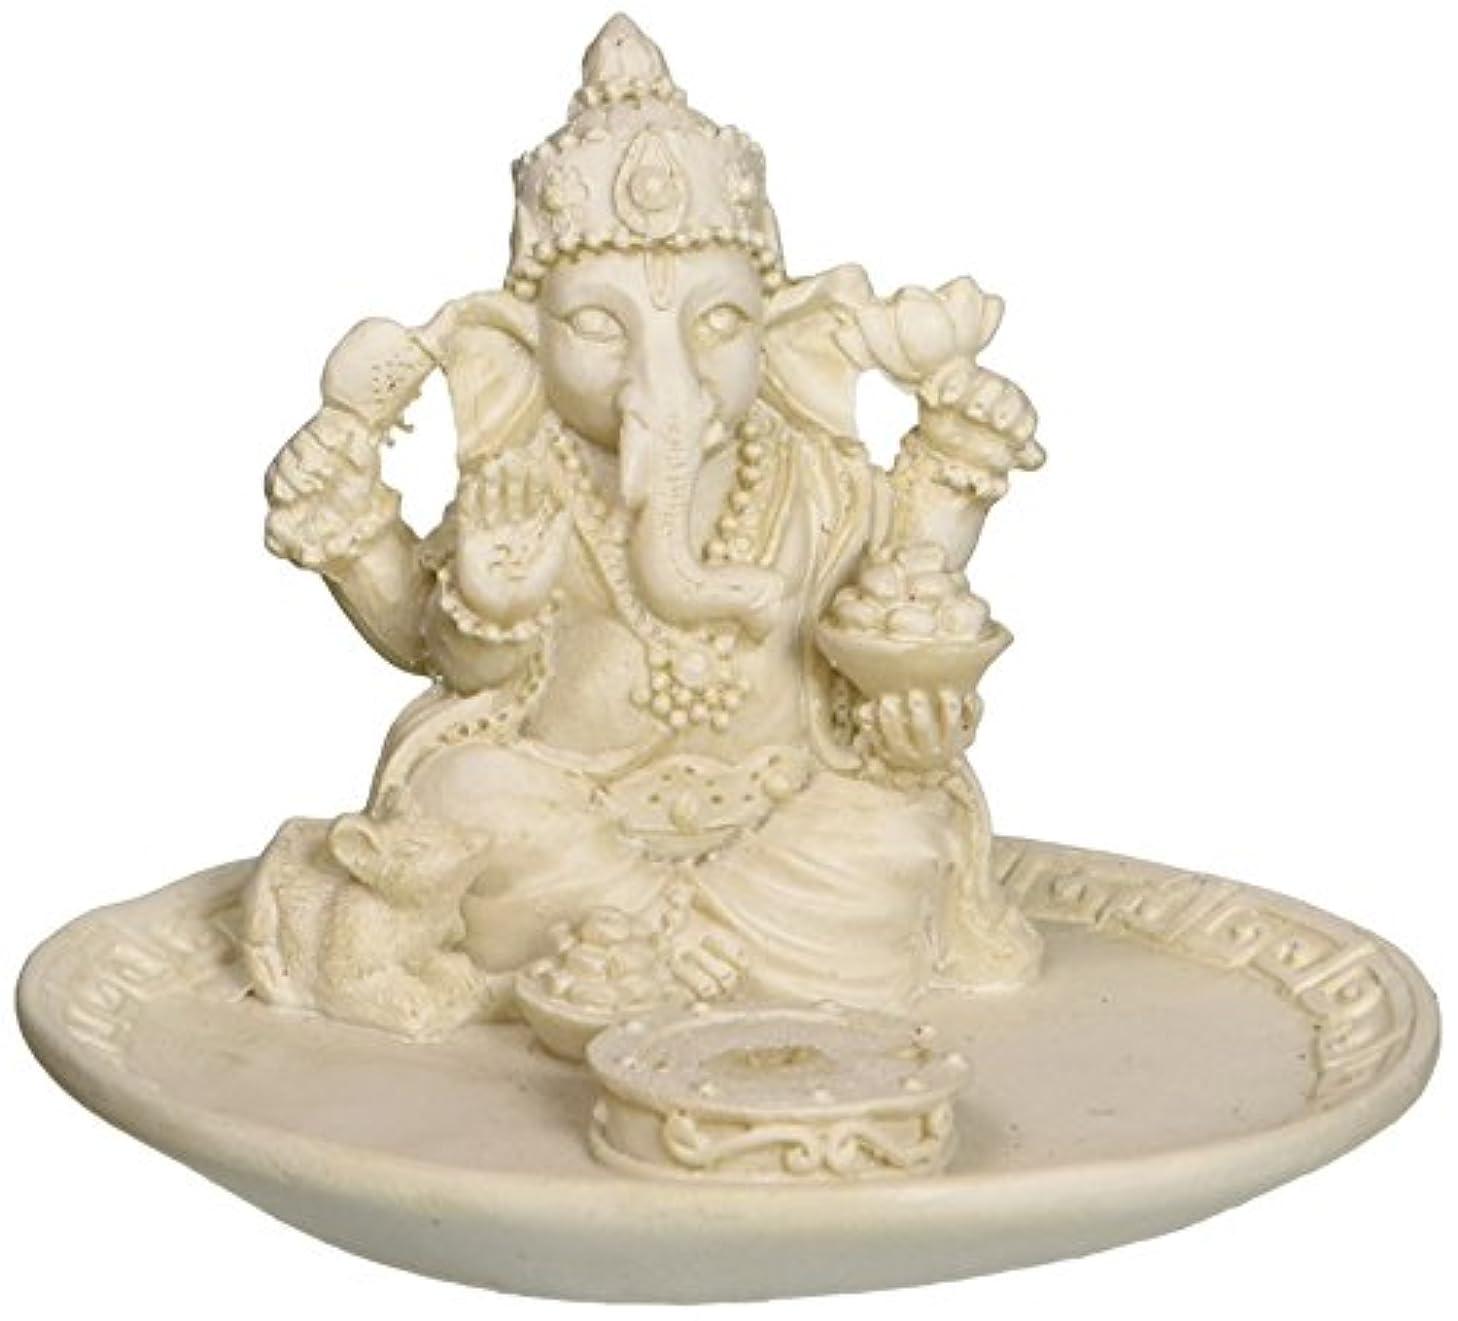 対応する大統領前提White Beautiful Lord Ganesh Incense Sticks Holder - Ganesha, Laxmi, Shiva, Durga, Kali